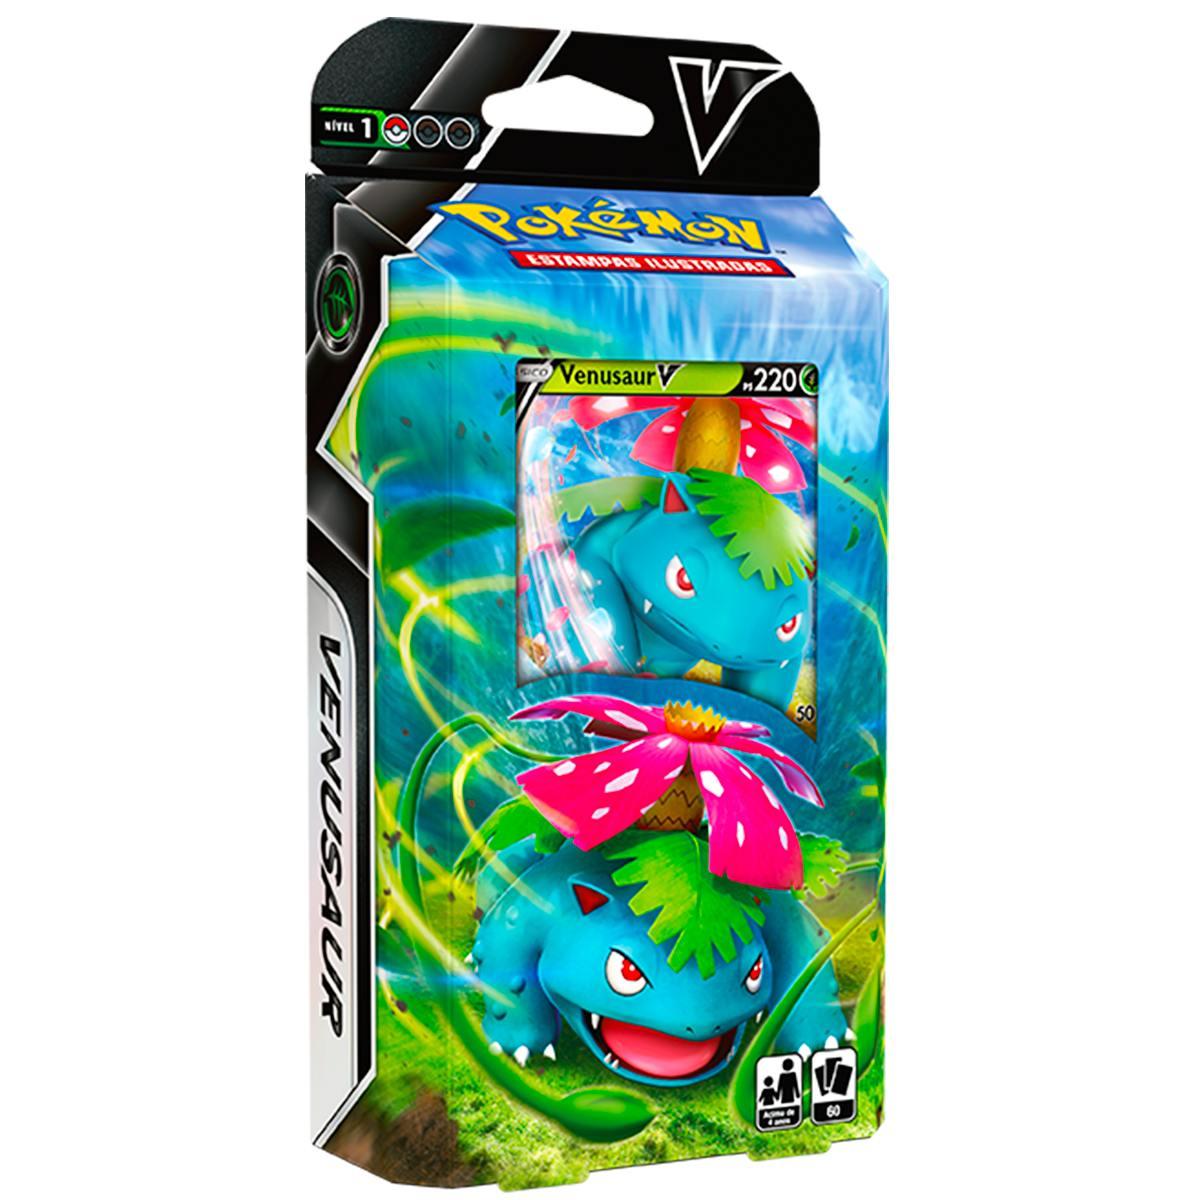 Baralho de Batalha V Deck Pokémon Venunsaur V